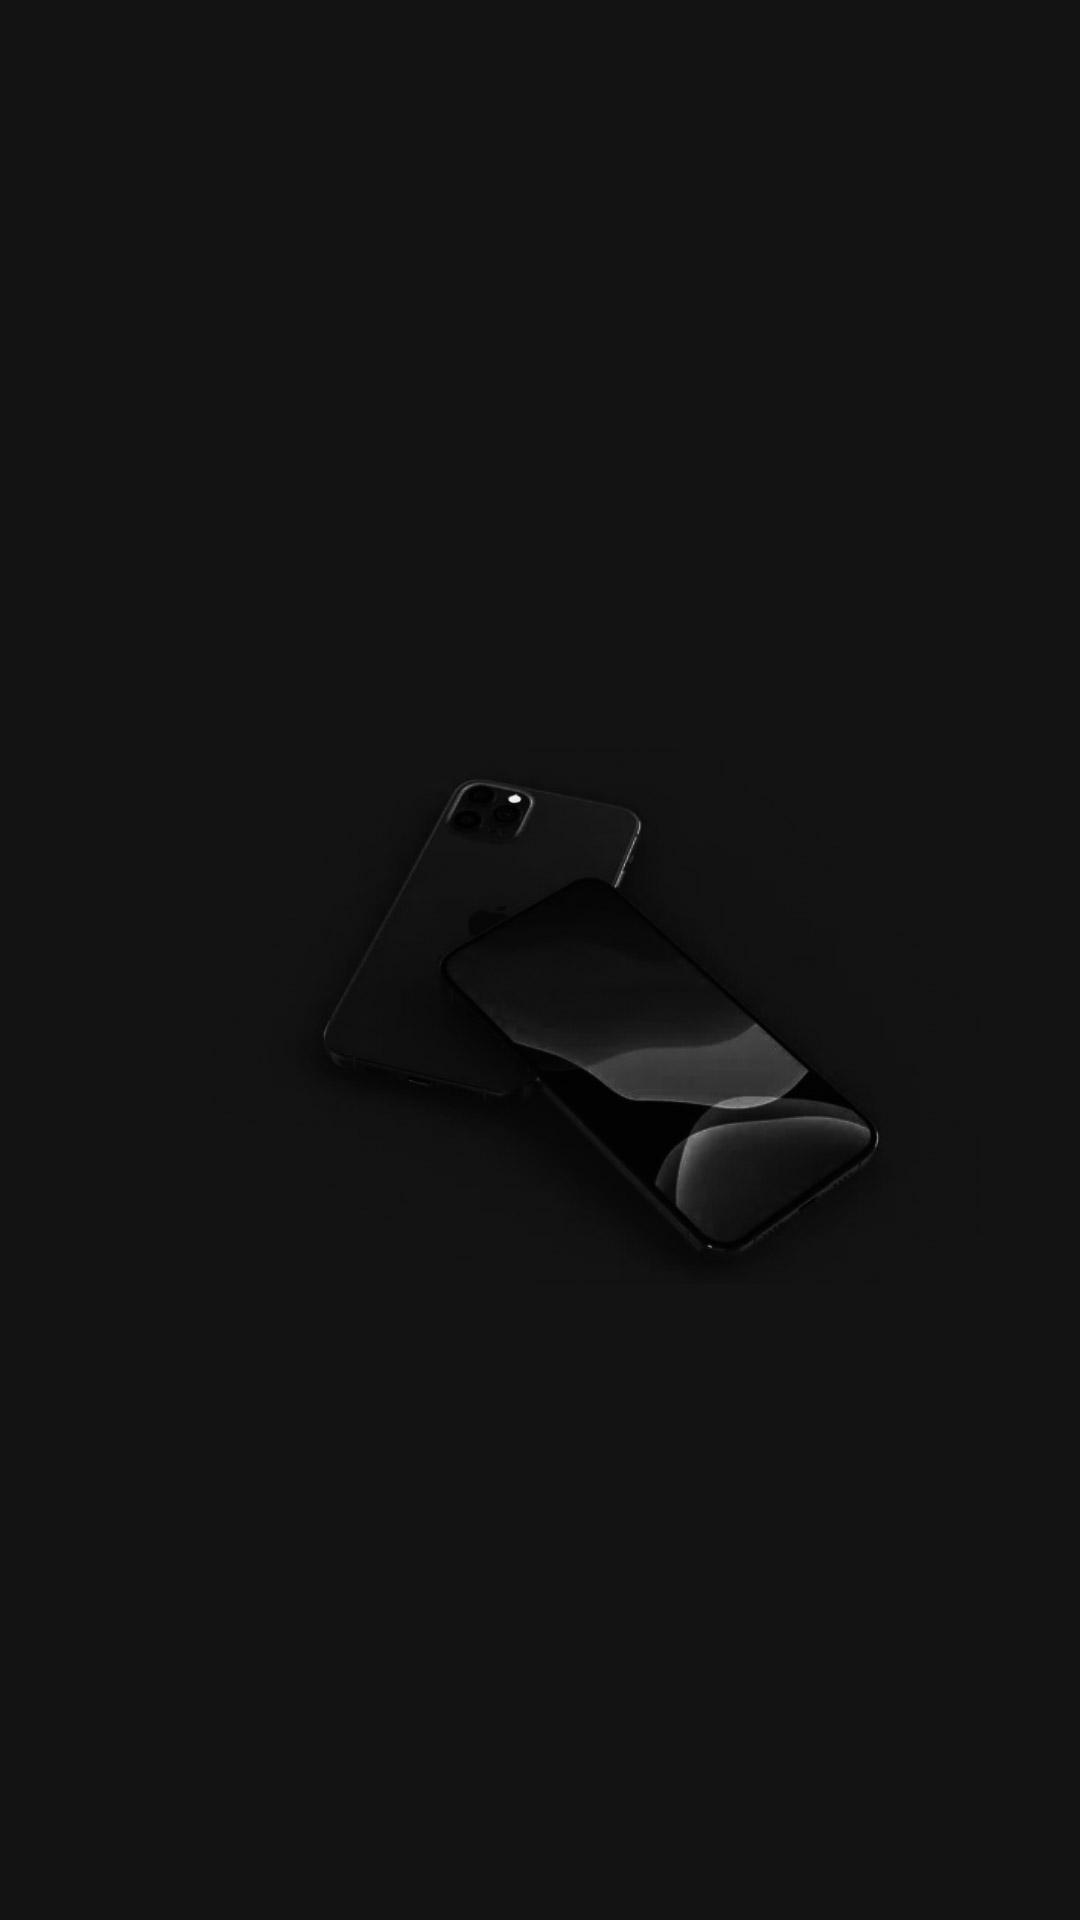 iPhone 12 Wallpaper Download 1080x1920